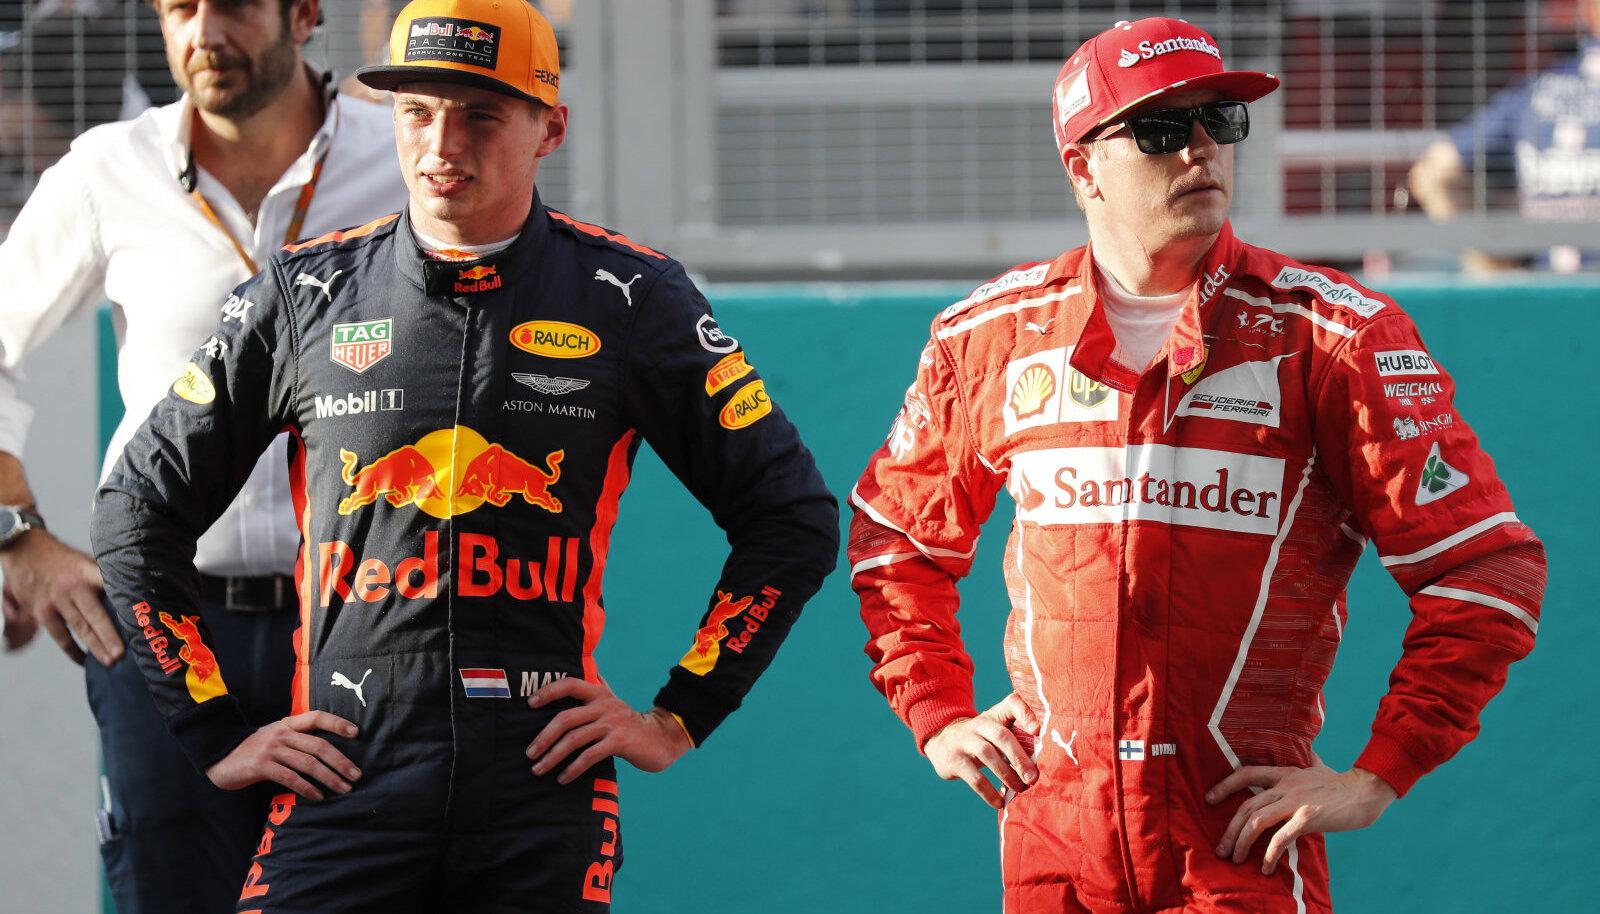 Max Verstappen ja Kimi Räikkönen tunamullusel hooajal.